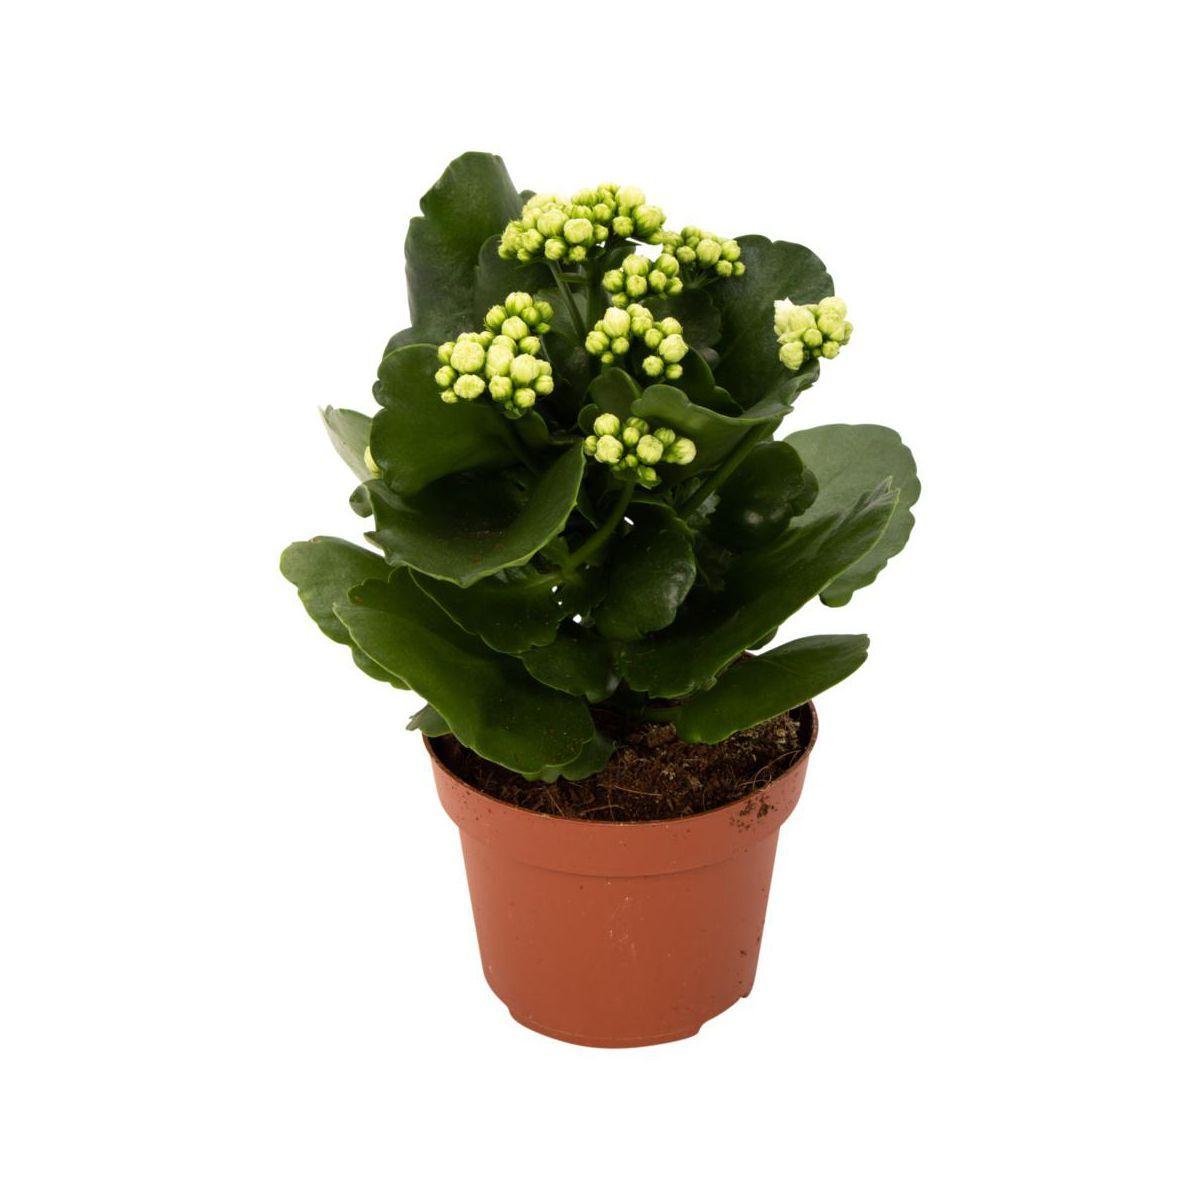 Kalanchoe 30 Cm Kwiaty Doniczkowe W Atrakcyjnej Cenie W Sklepach Leroy Merlin Plants